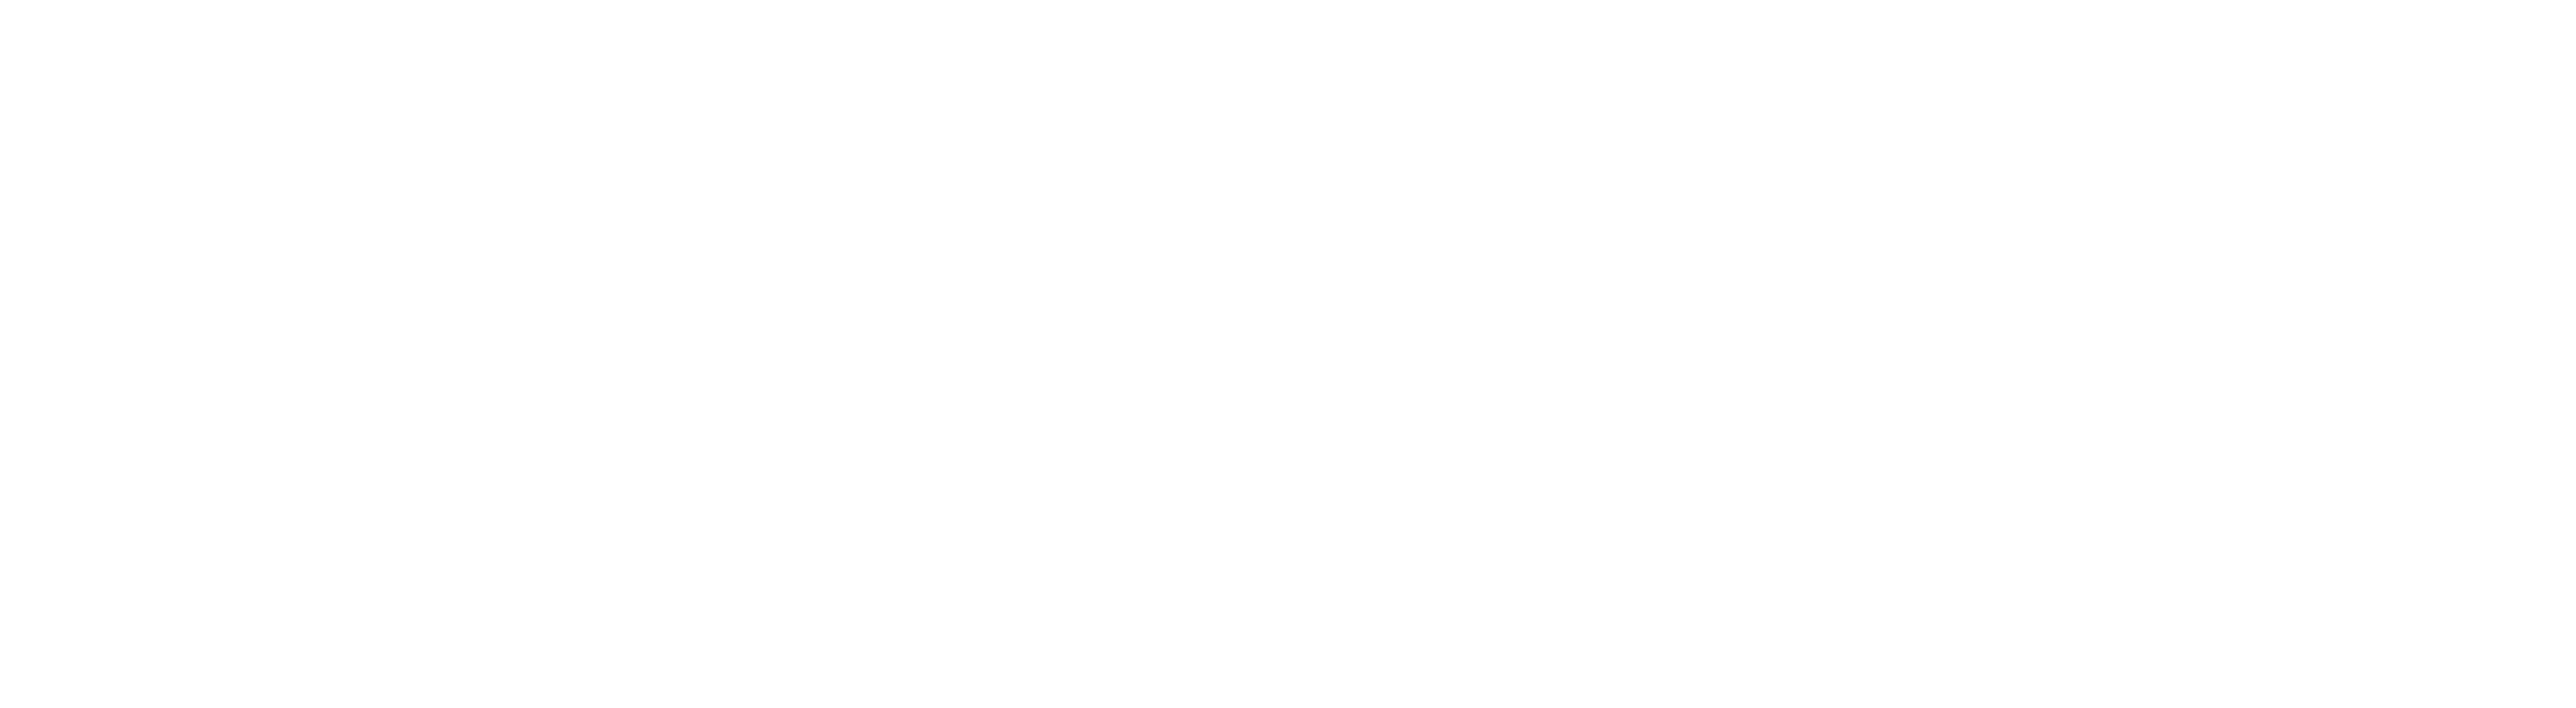 Kiara Watson Video logo